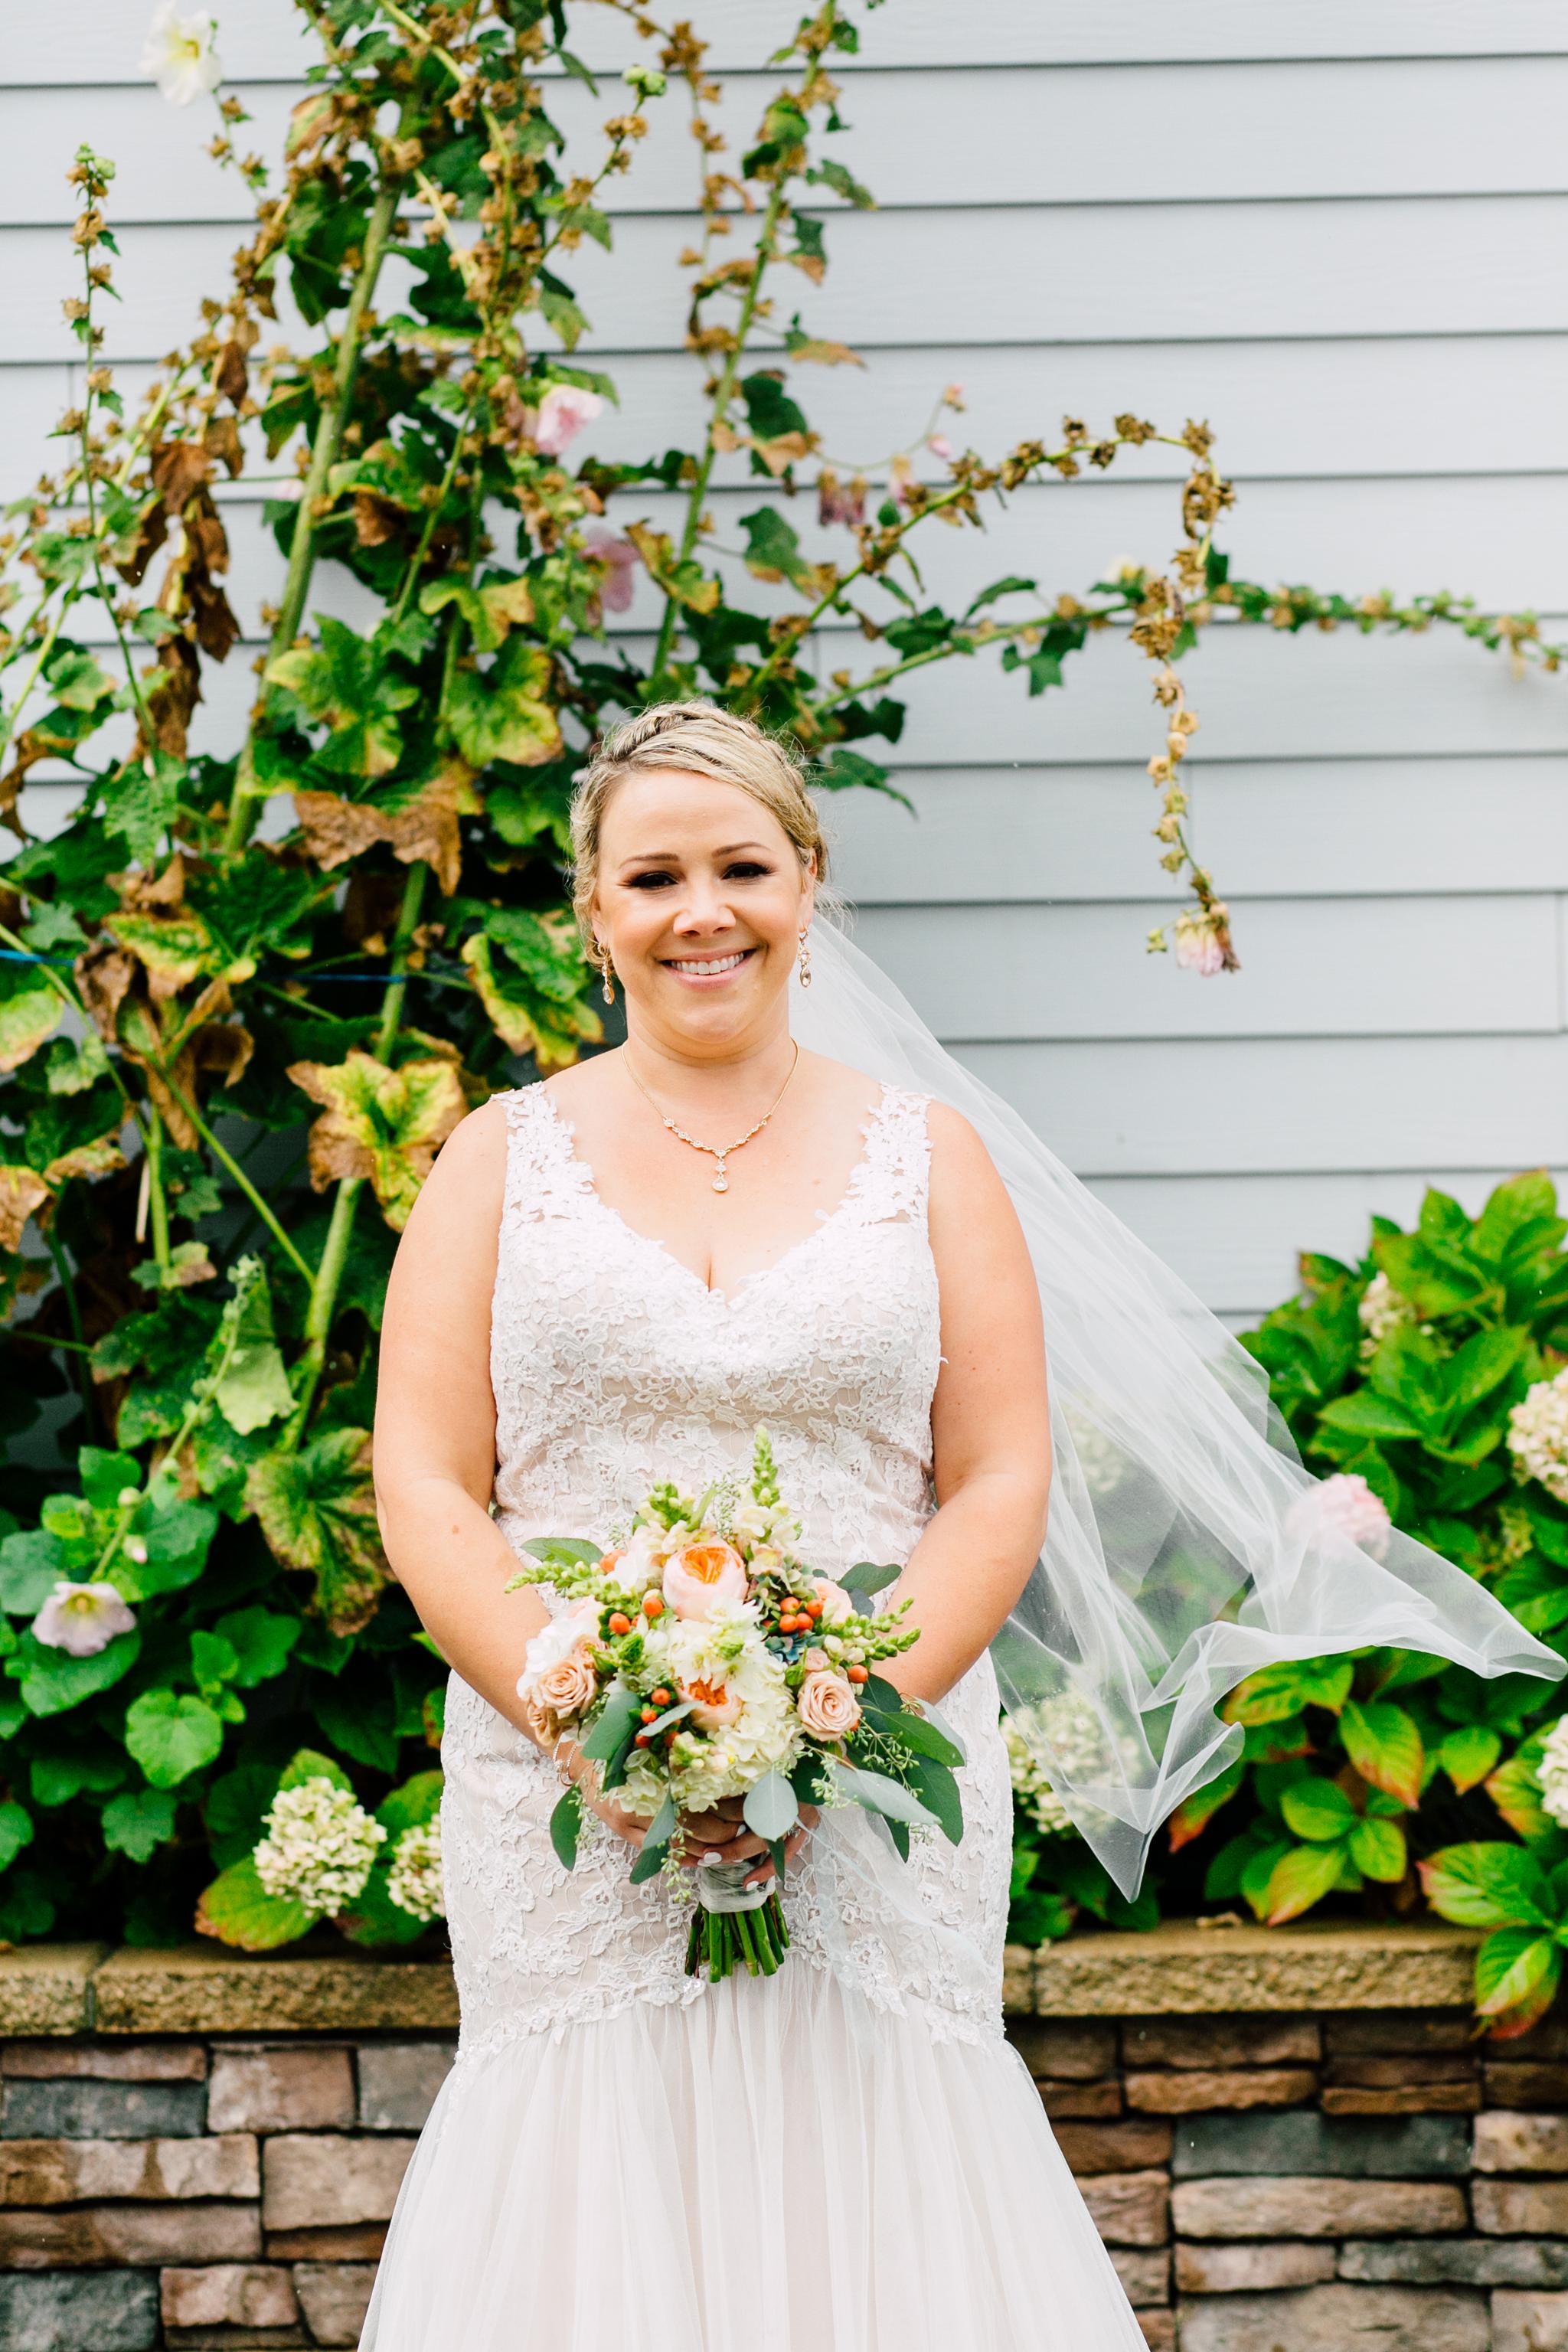 016-bellingham-wedding-photographer-beach-katheryn-moran-elisa-phillip.jpg